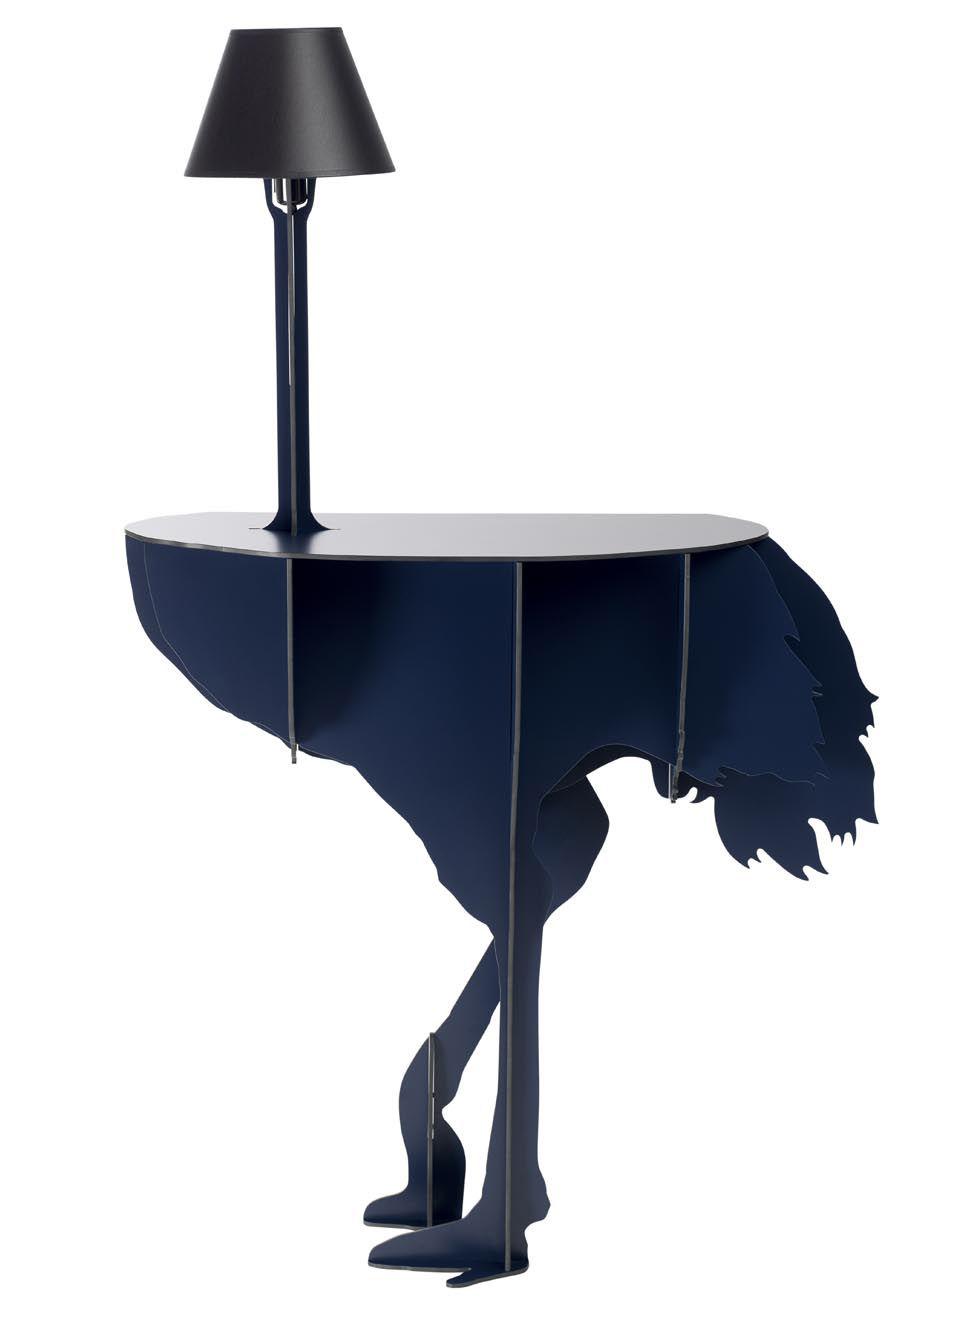 Mobilier - Mobilier Kids - Console Diva Lucia / Lampe intégrée - Ibride - Bleu nuit / Abat-jour noir - Nylon, Stratifié compact